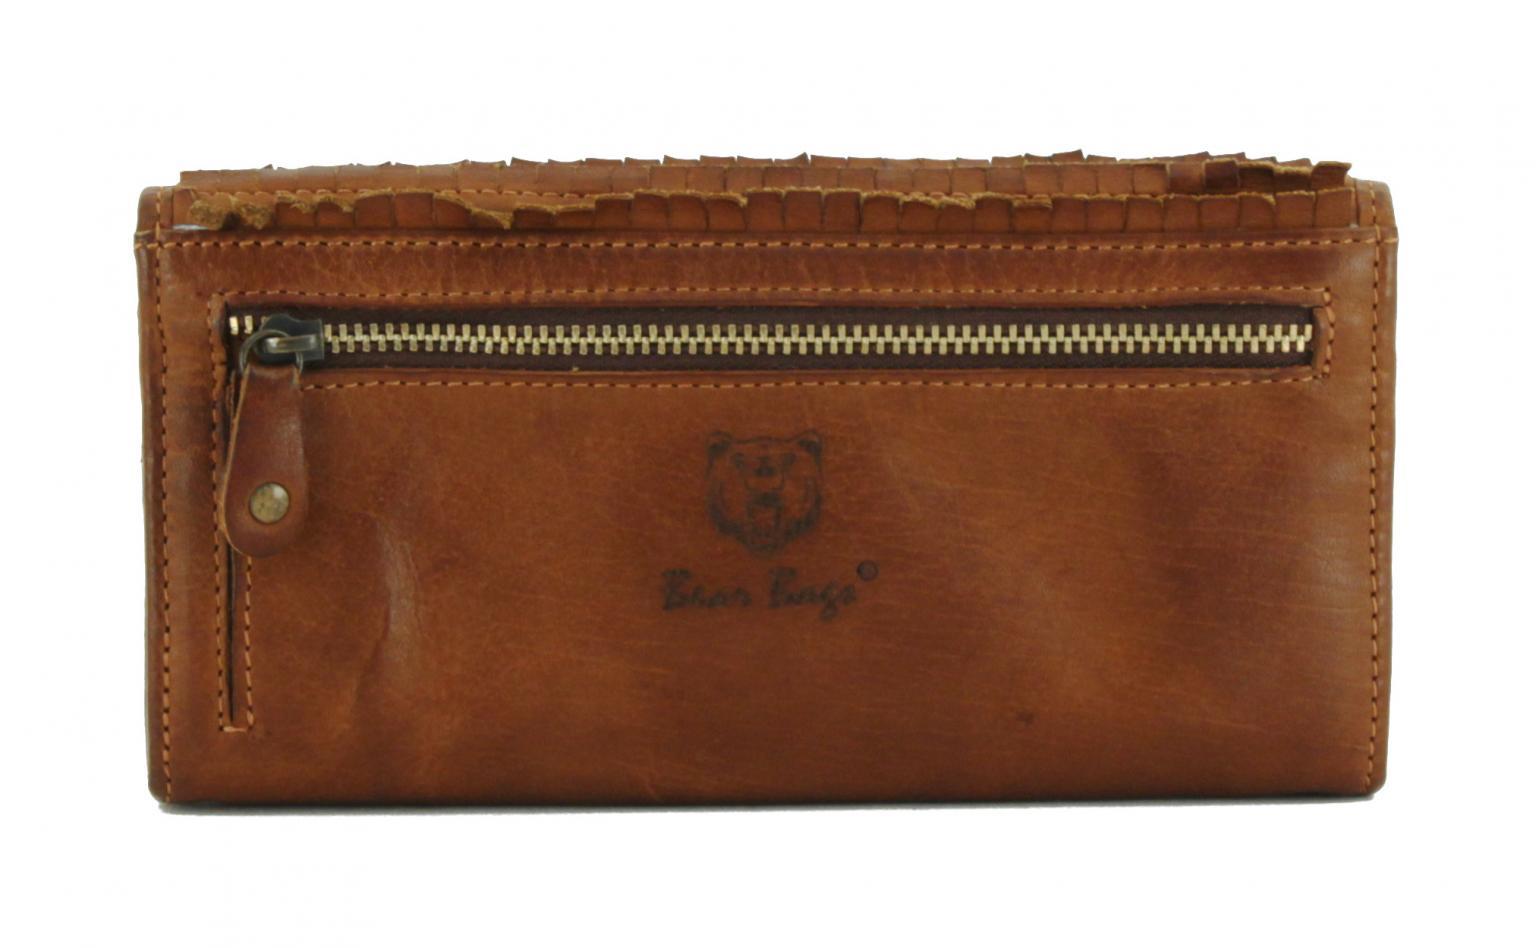 Überschlagbörse bear bags Schuppendesign Cognac braun Leder